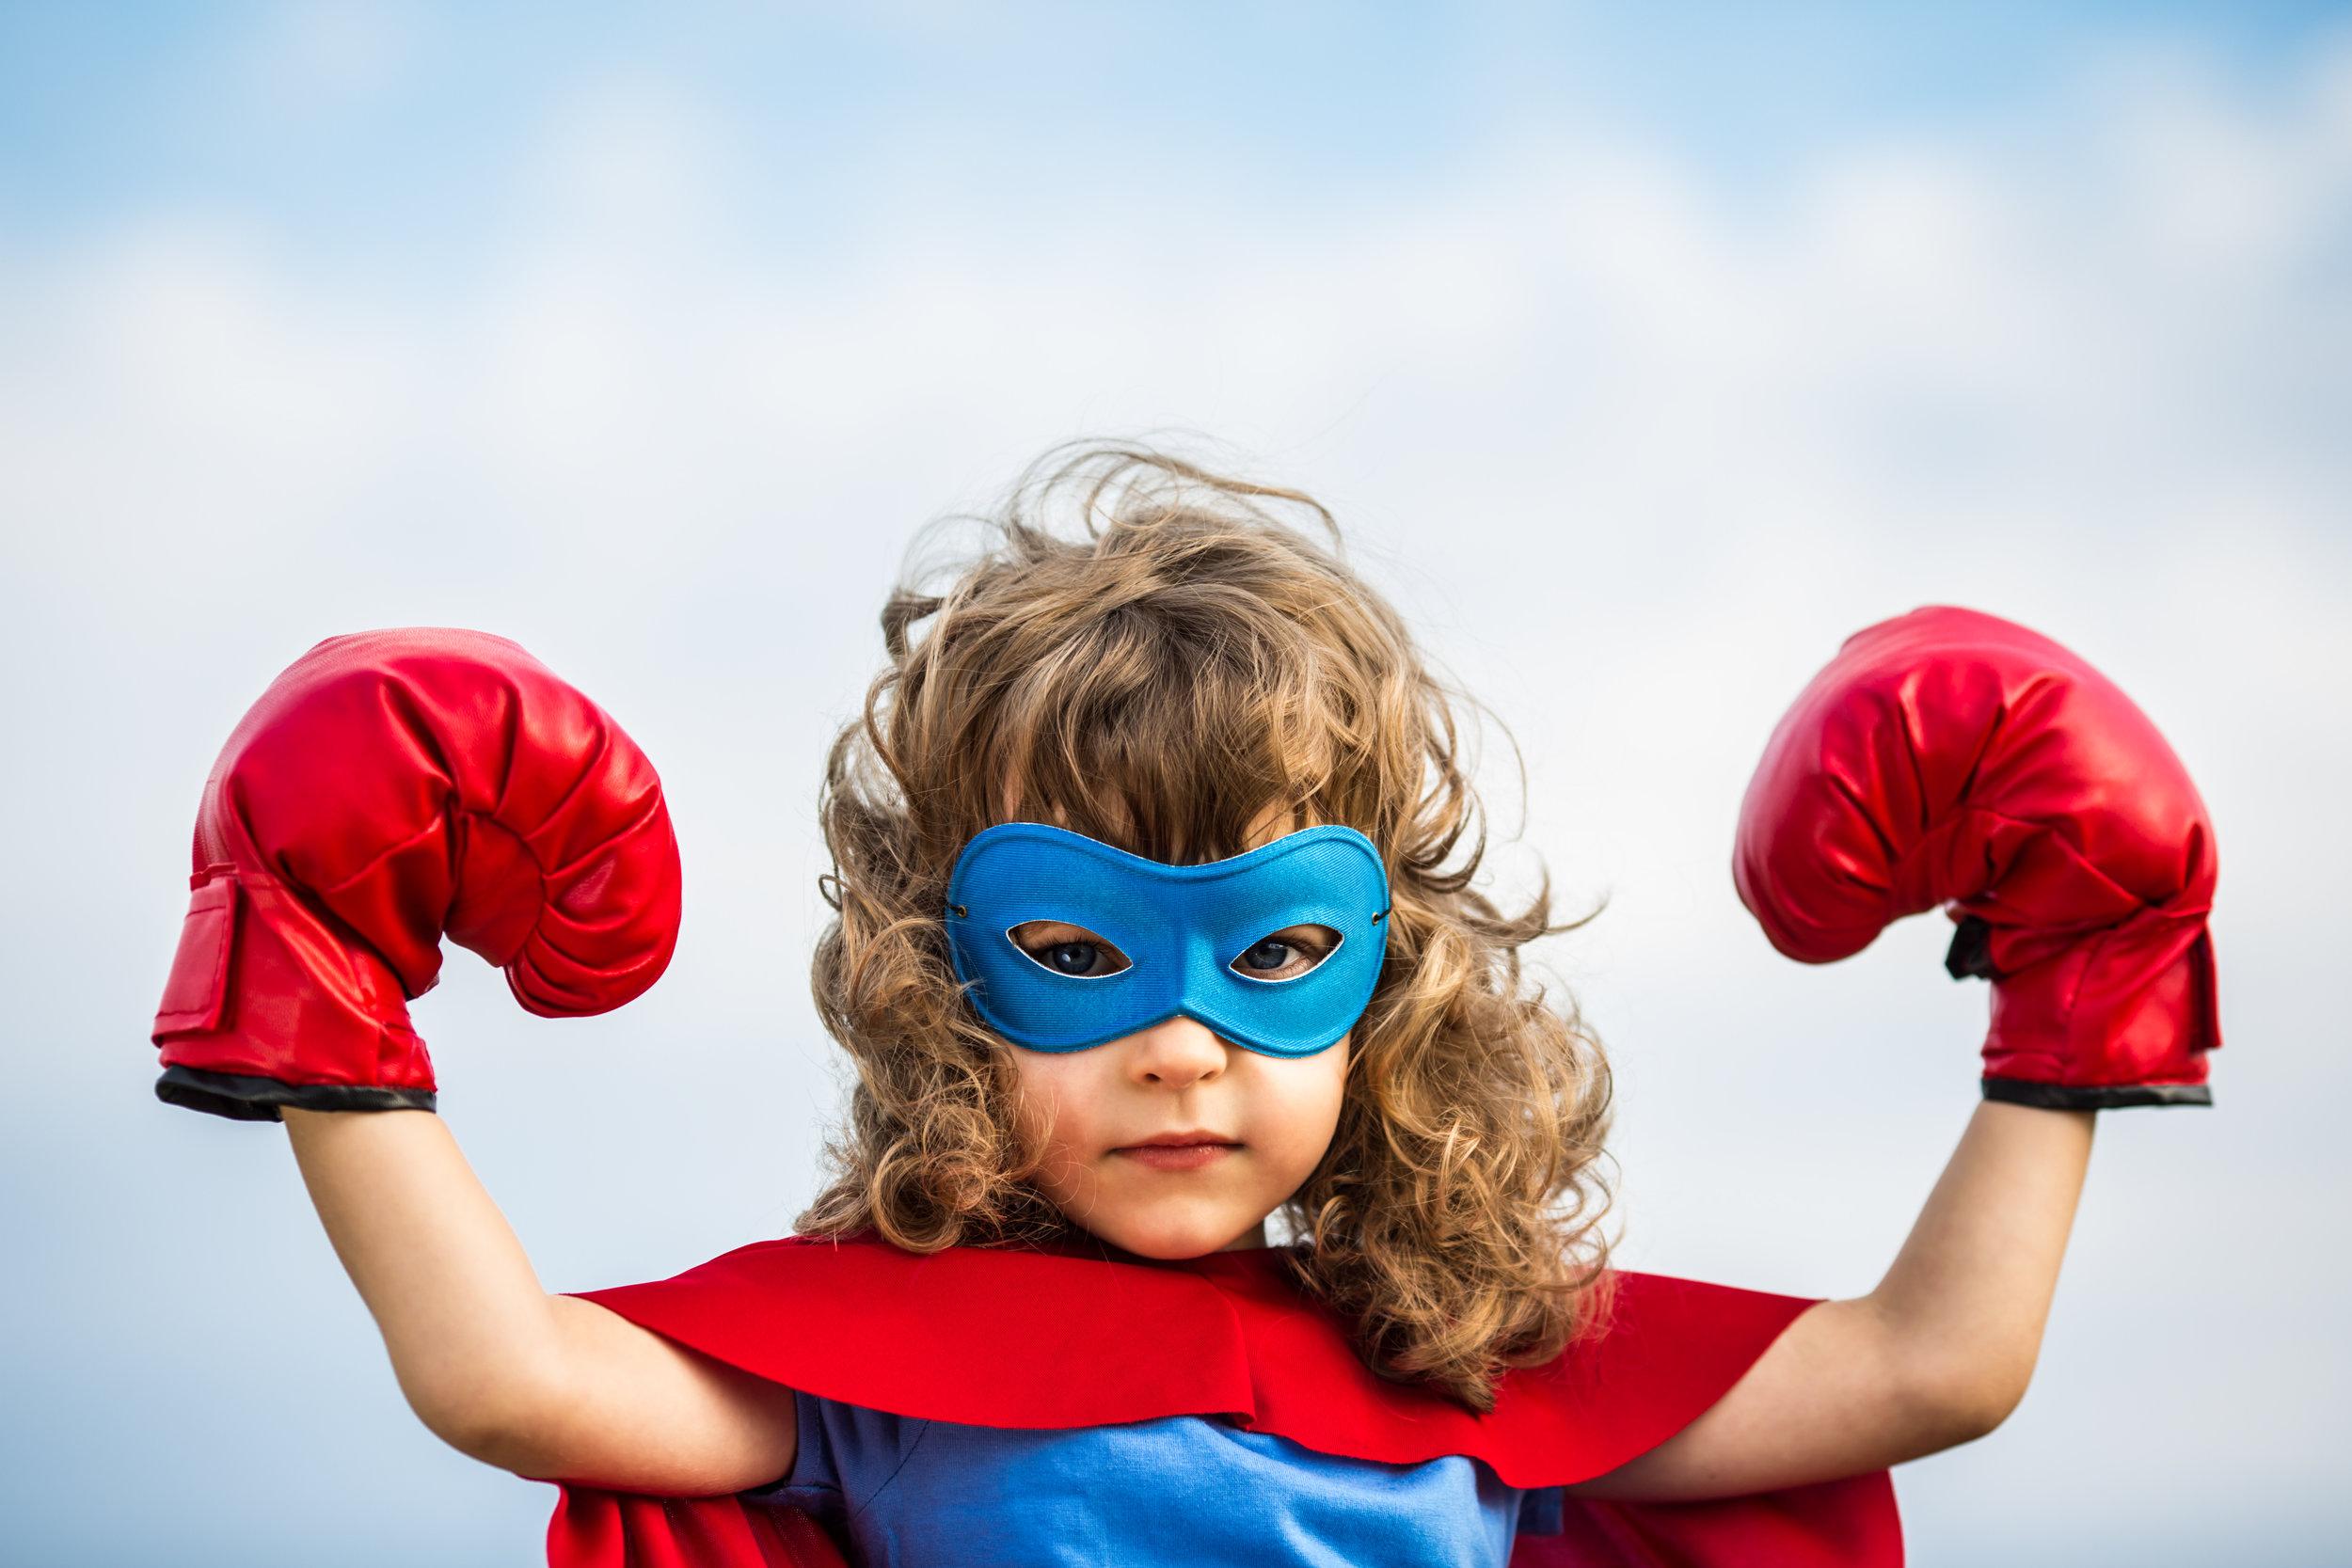 superhero-kid-girl-power-concept-PLMJC4S.jpg